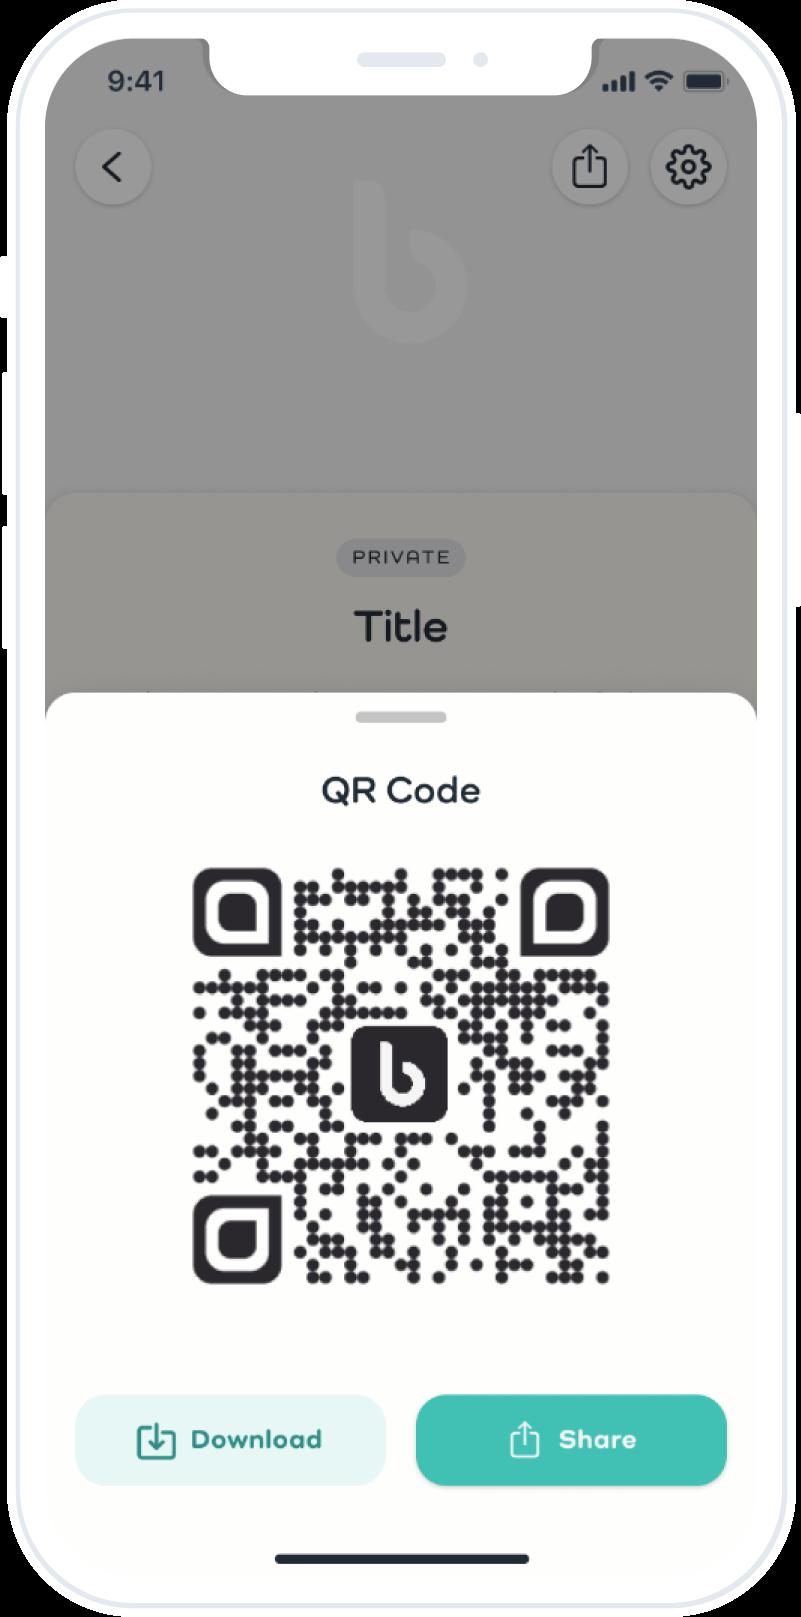 Basket displaying QR code